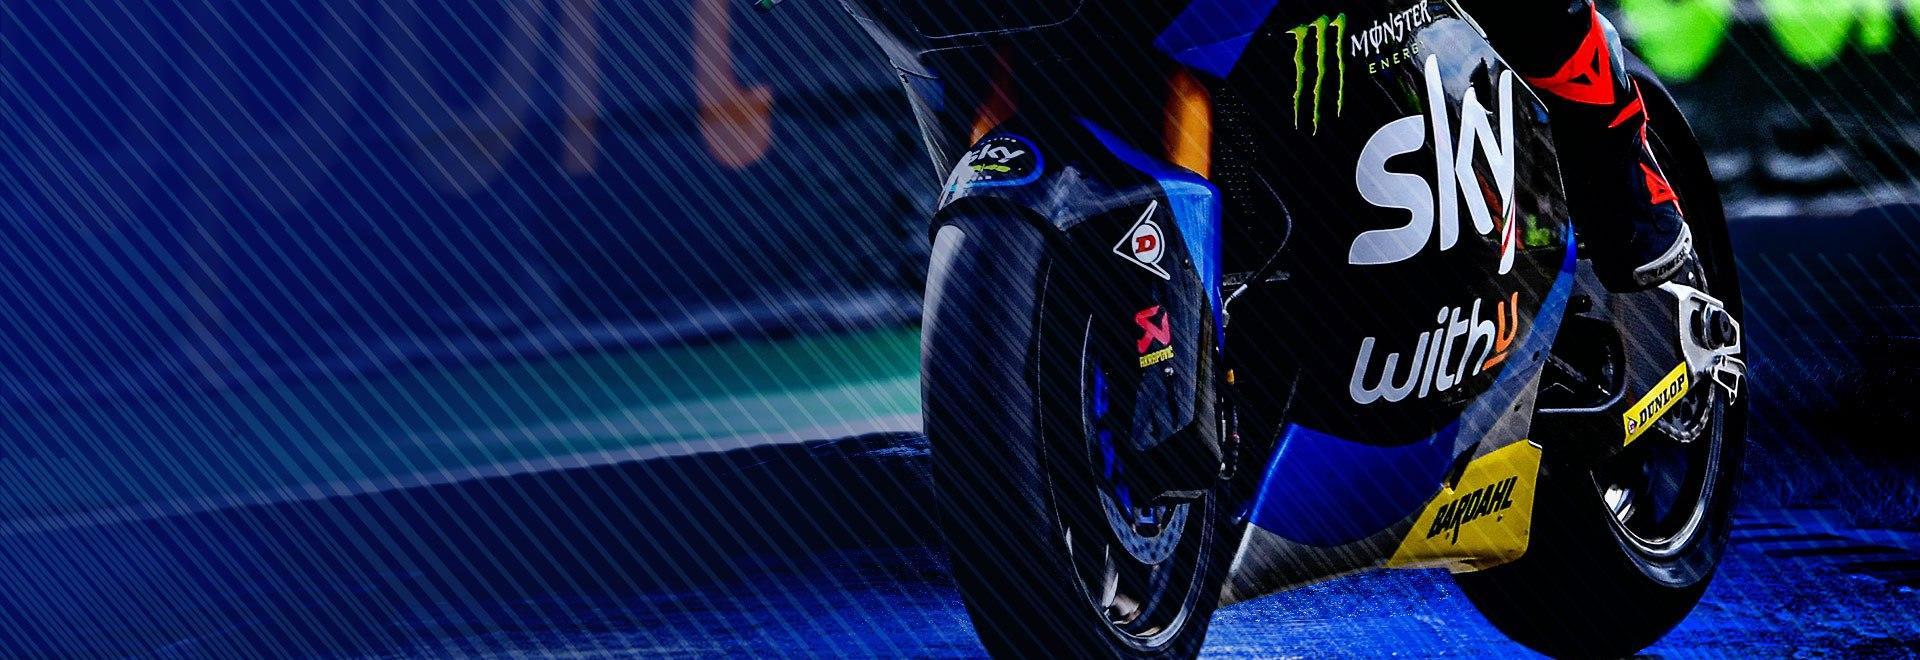 Moto2 - Stag. 2021 Ep. PL2 - GP Americhe